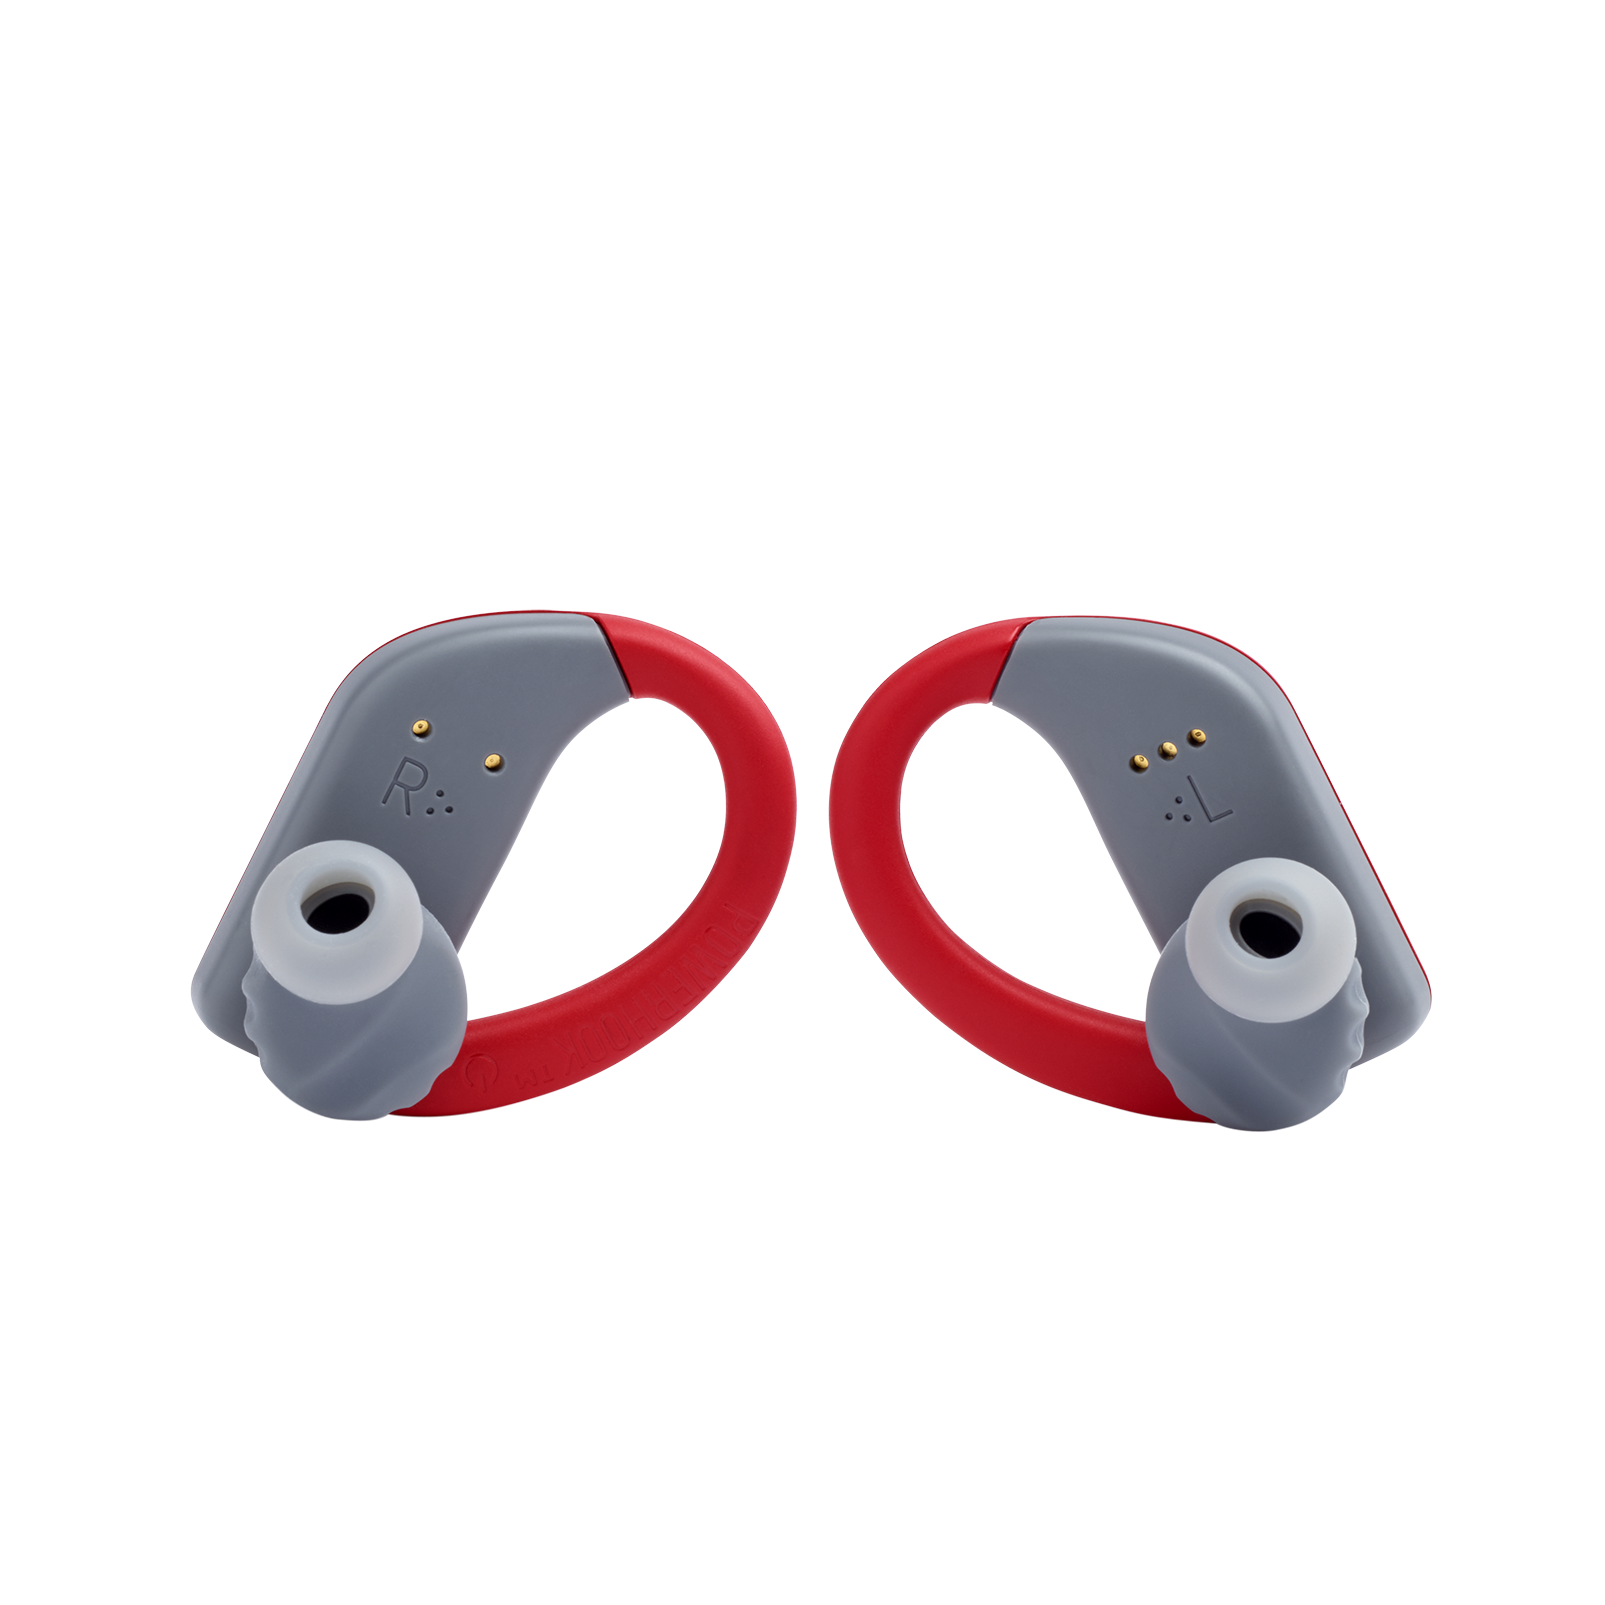 JBL Endurance PEAK - Red - Waterproof True Wireless In-Ear Sport Headphones - Back